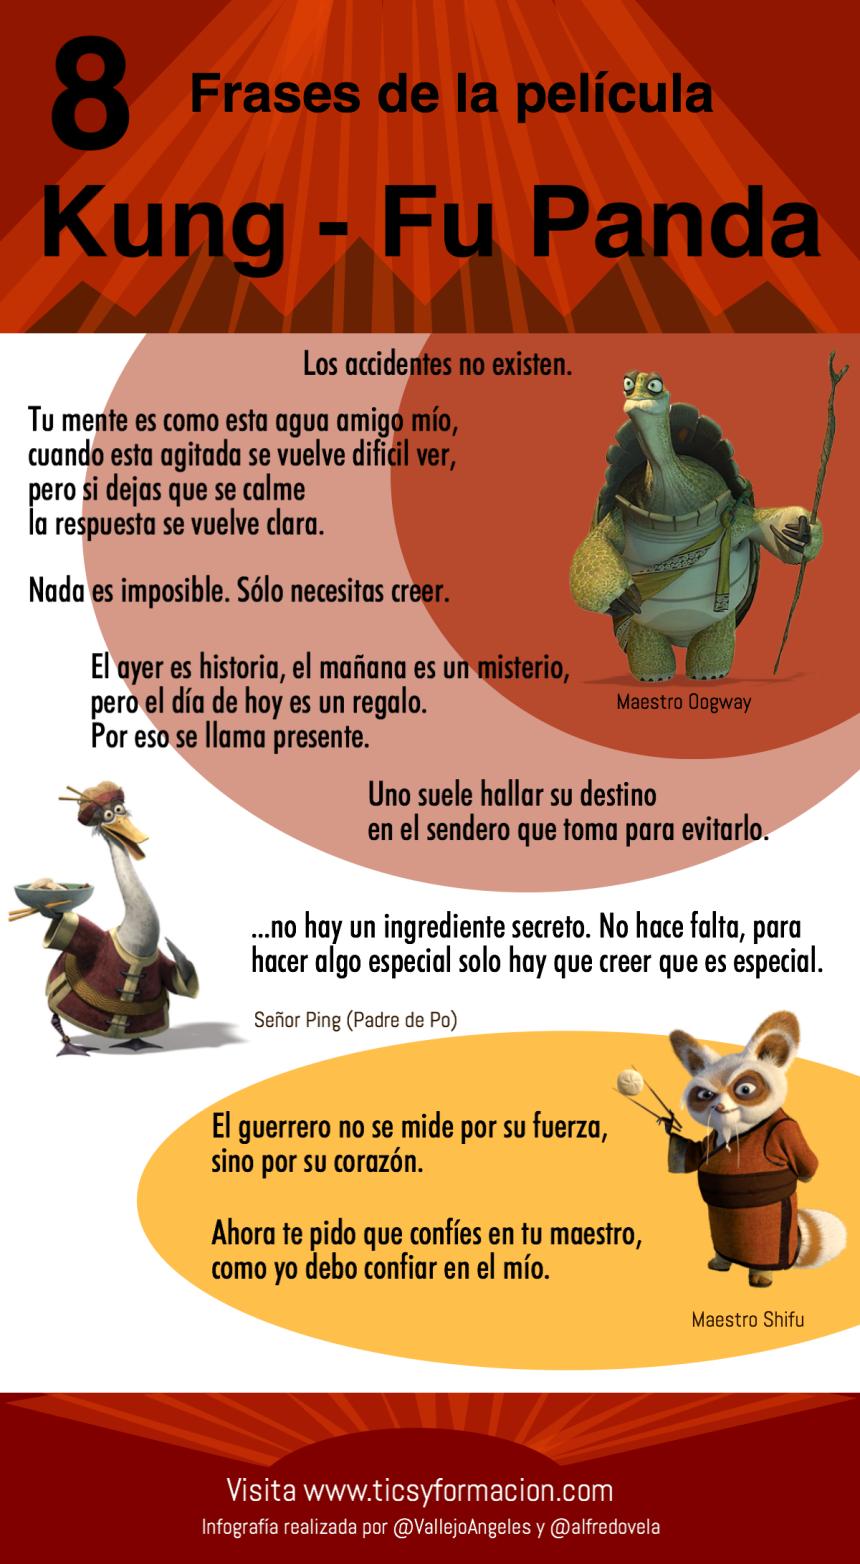 8 frases de las película Kung-Fu Panda